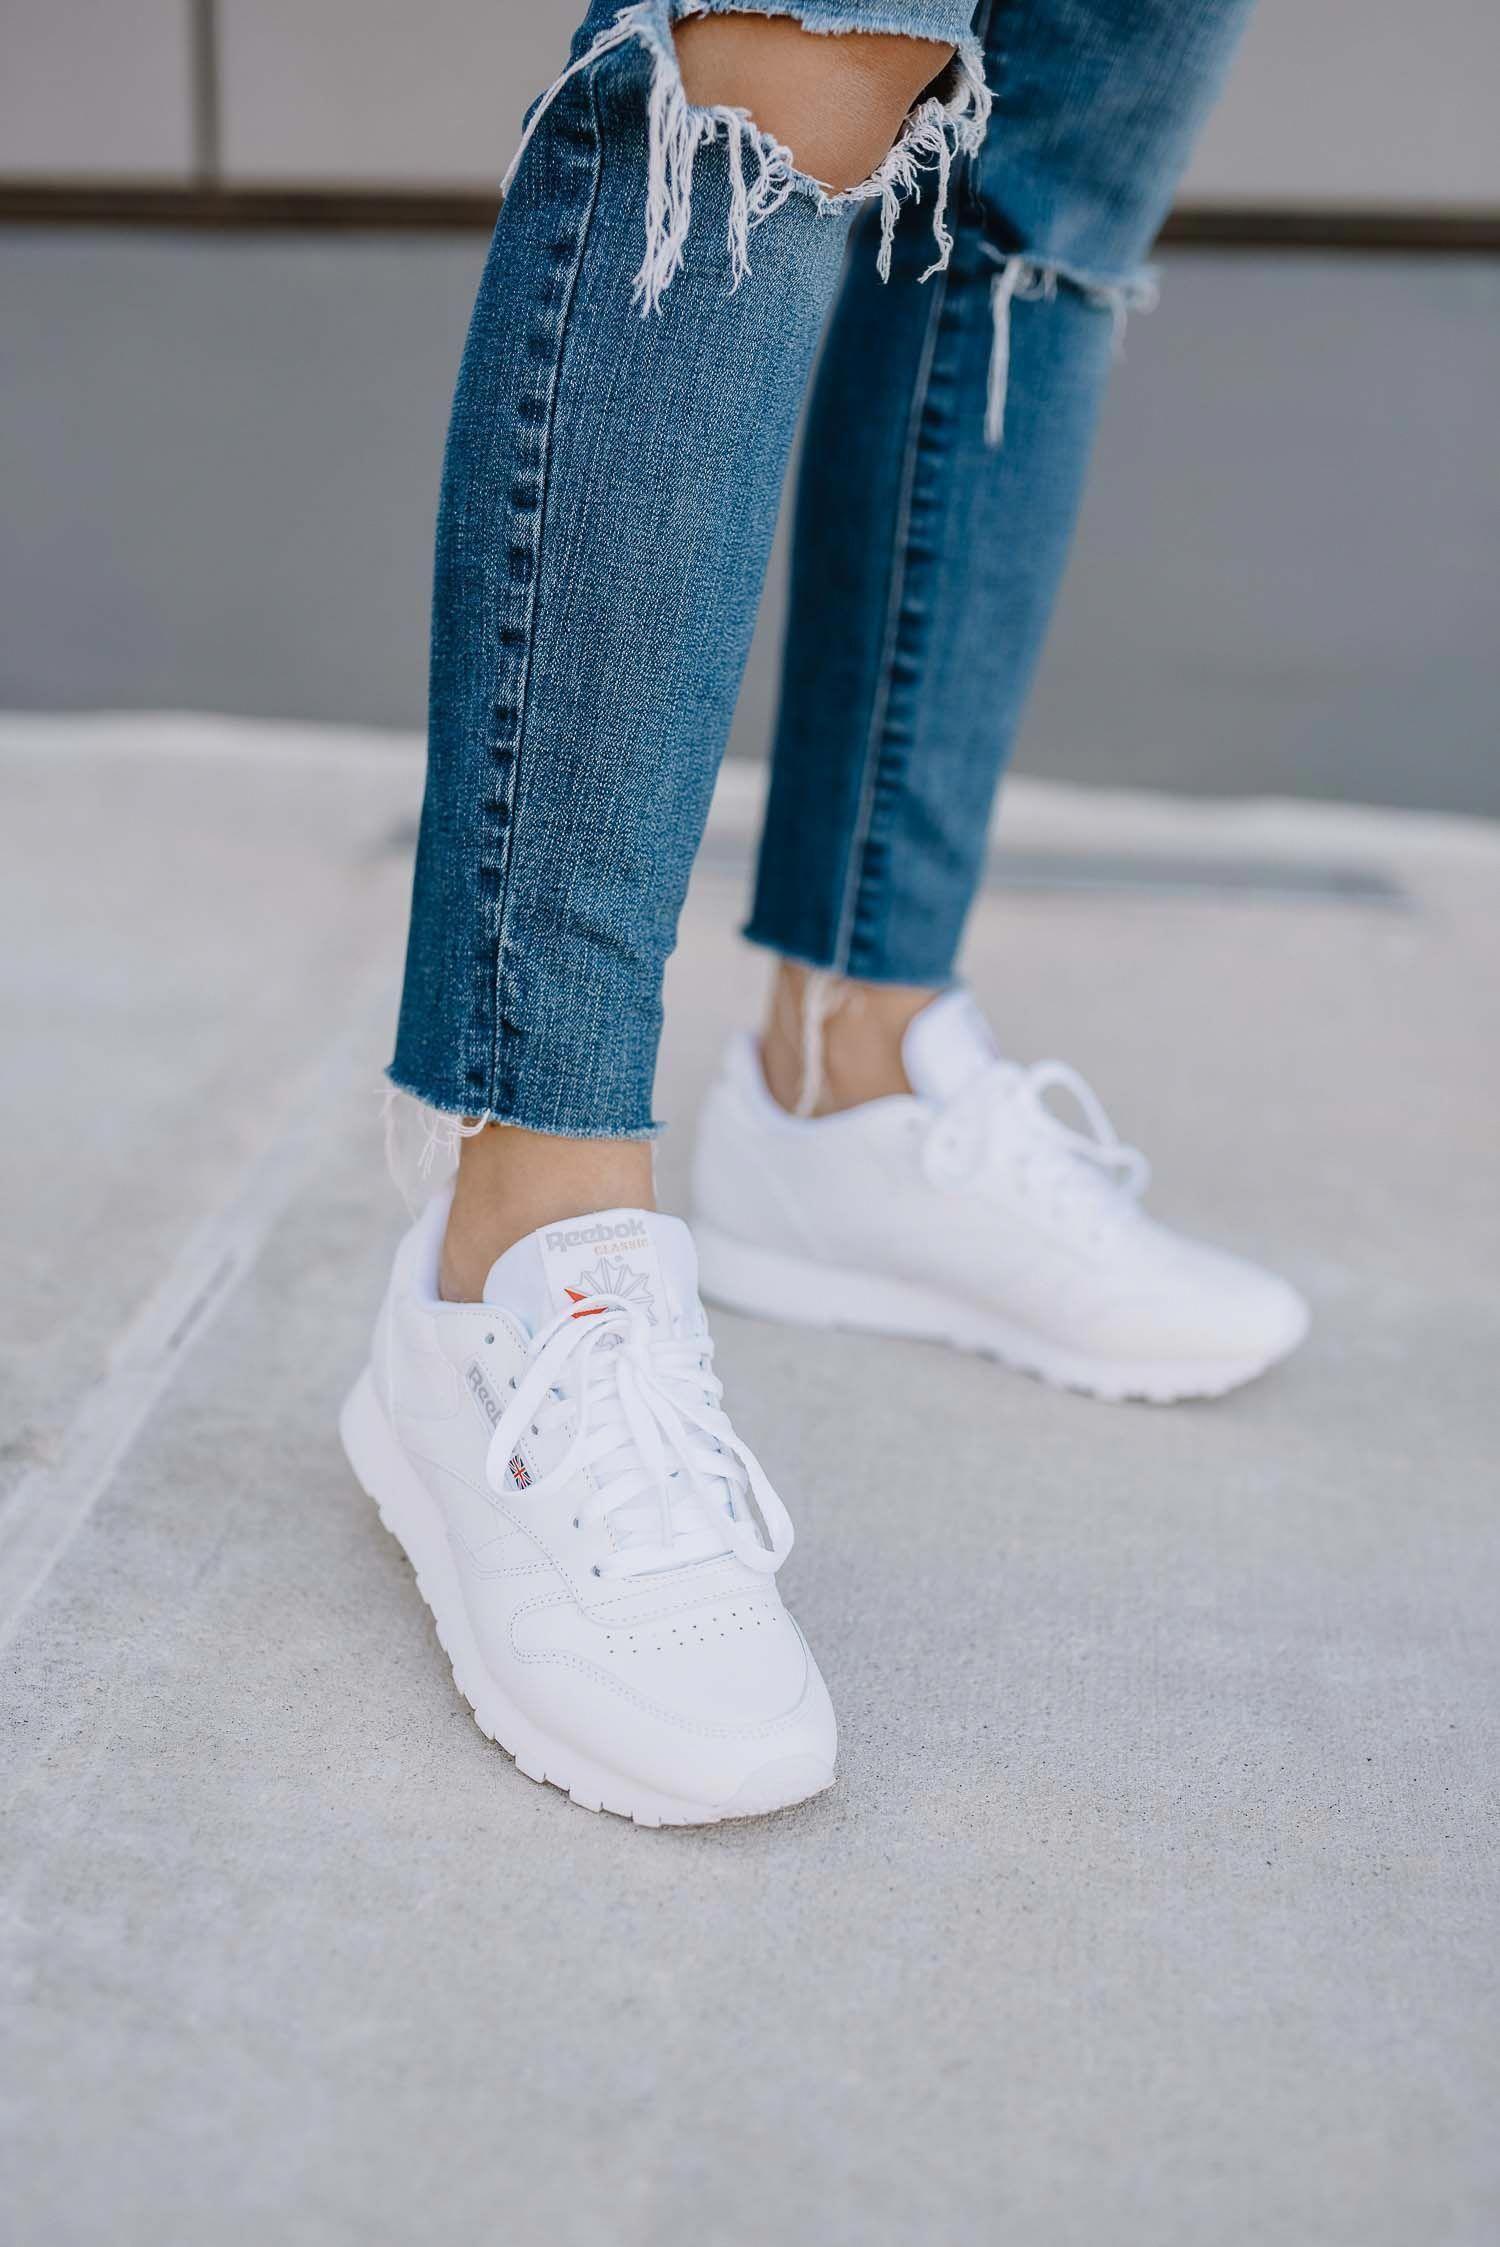 Pin oleh Icha Inas di sepatu sandal di 2020 Sandal dan